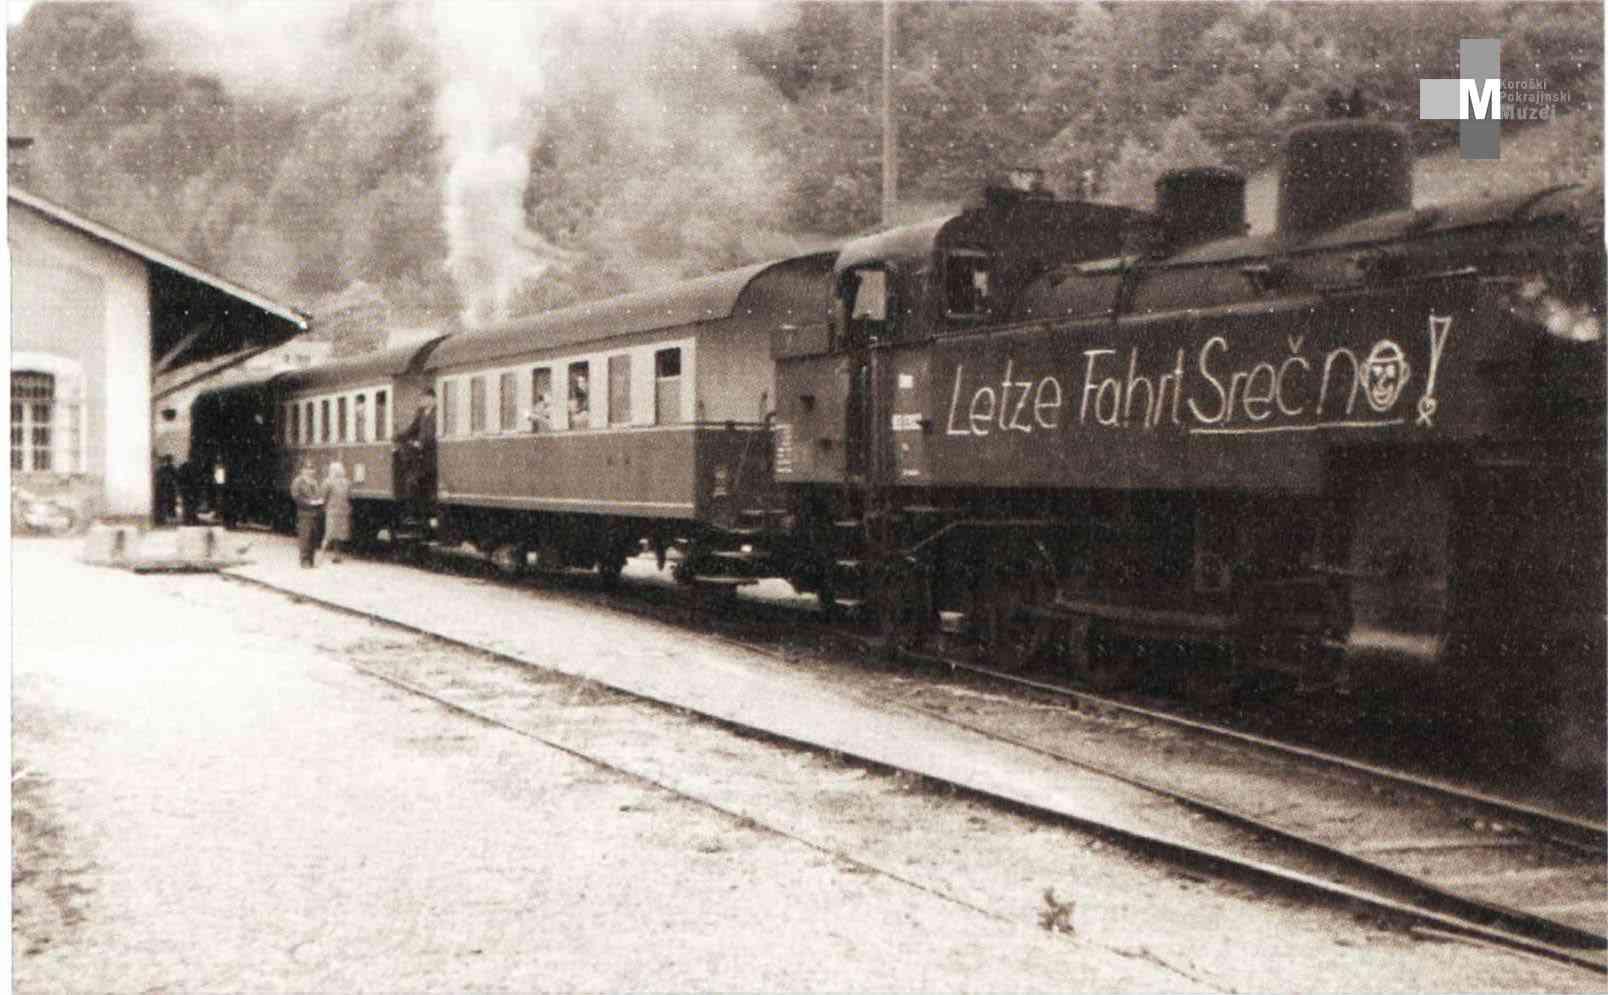 Štrekna - Zadnji avstrijski potniški vlak, ki je pripeljal na postajo Dravograd.